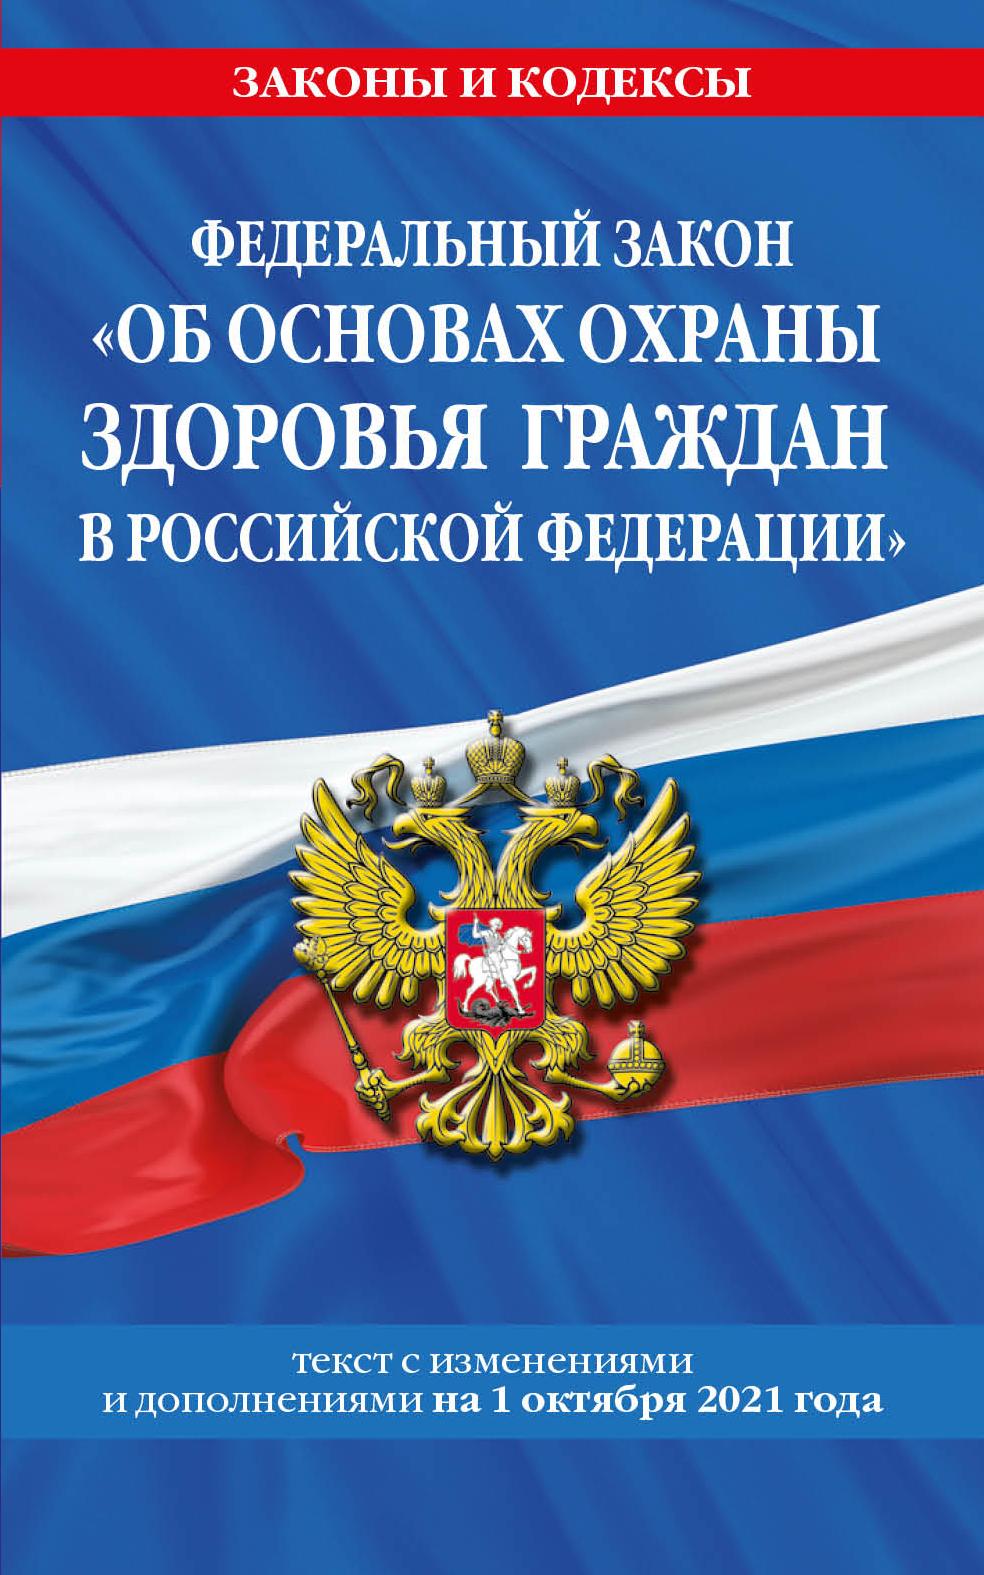 Федеральный закон Об основах охраны здоровья граждан в Российской Федерации: текст с посл. изм. и доп. на 1 октября 2021 года